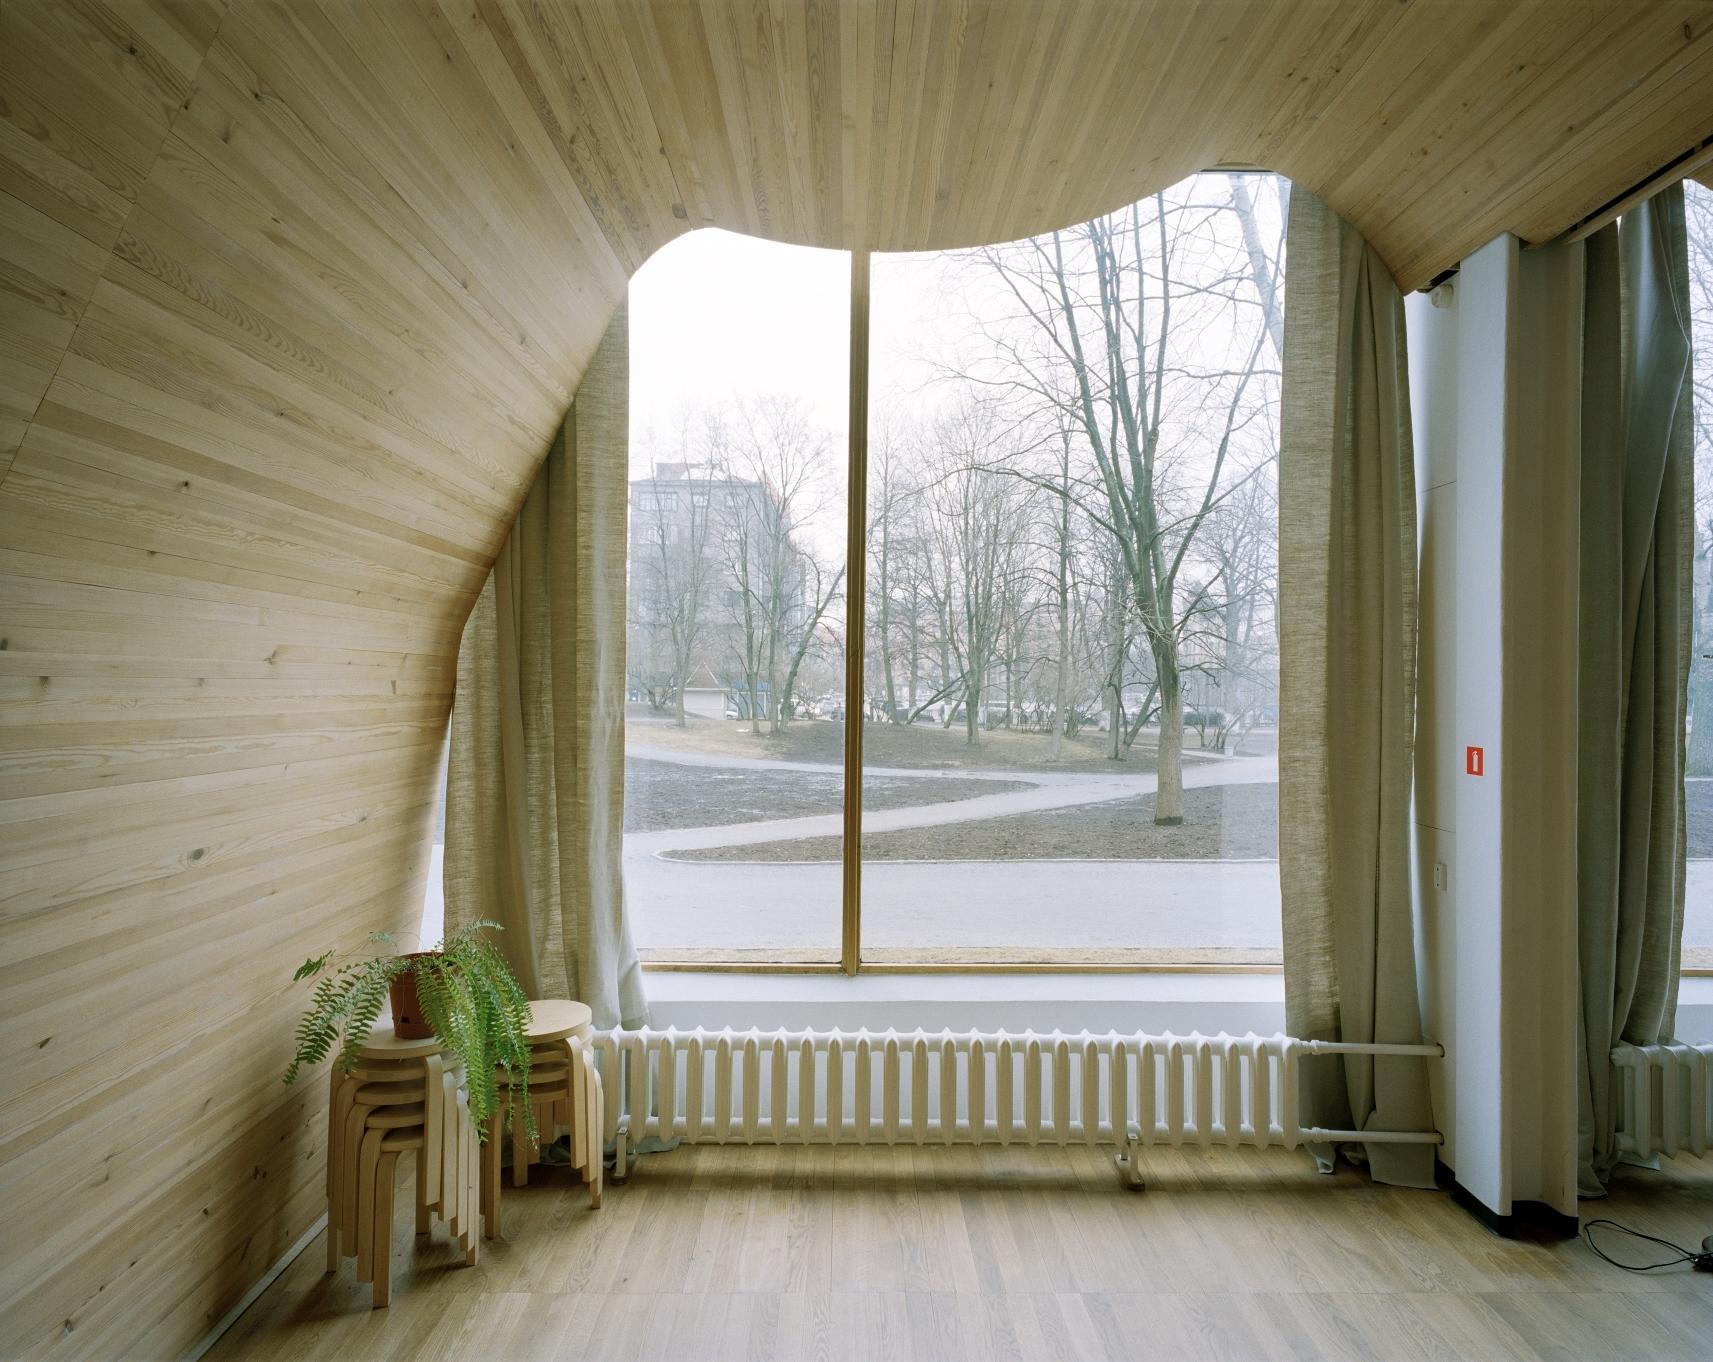 アルミン・リンケ撮影、ヴィープリ(ヴィーボルク)の図書館/Alvar Aalto, 1927-35 (C)Armin Linke, 2014